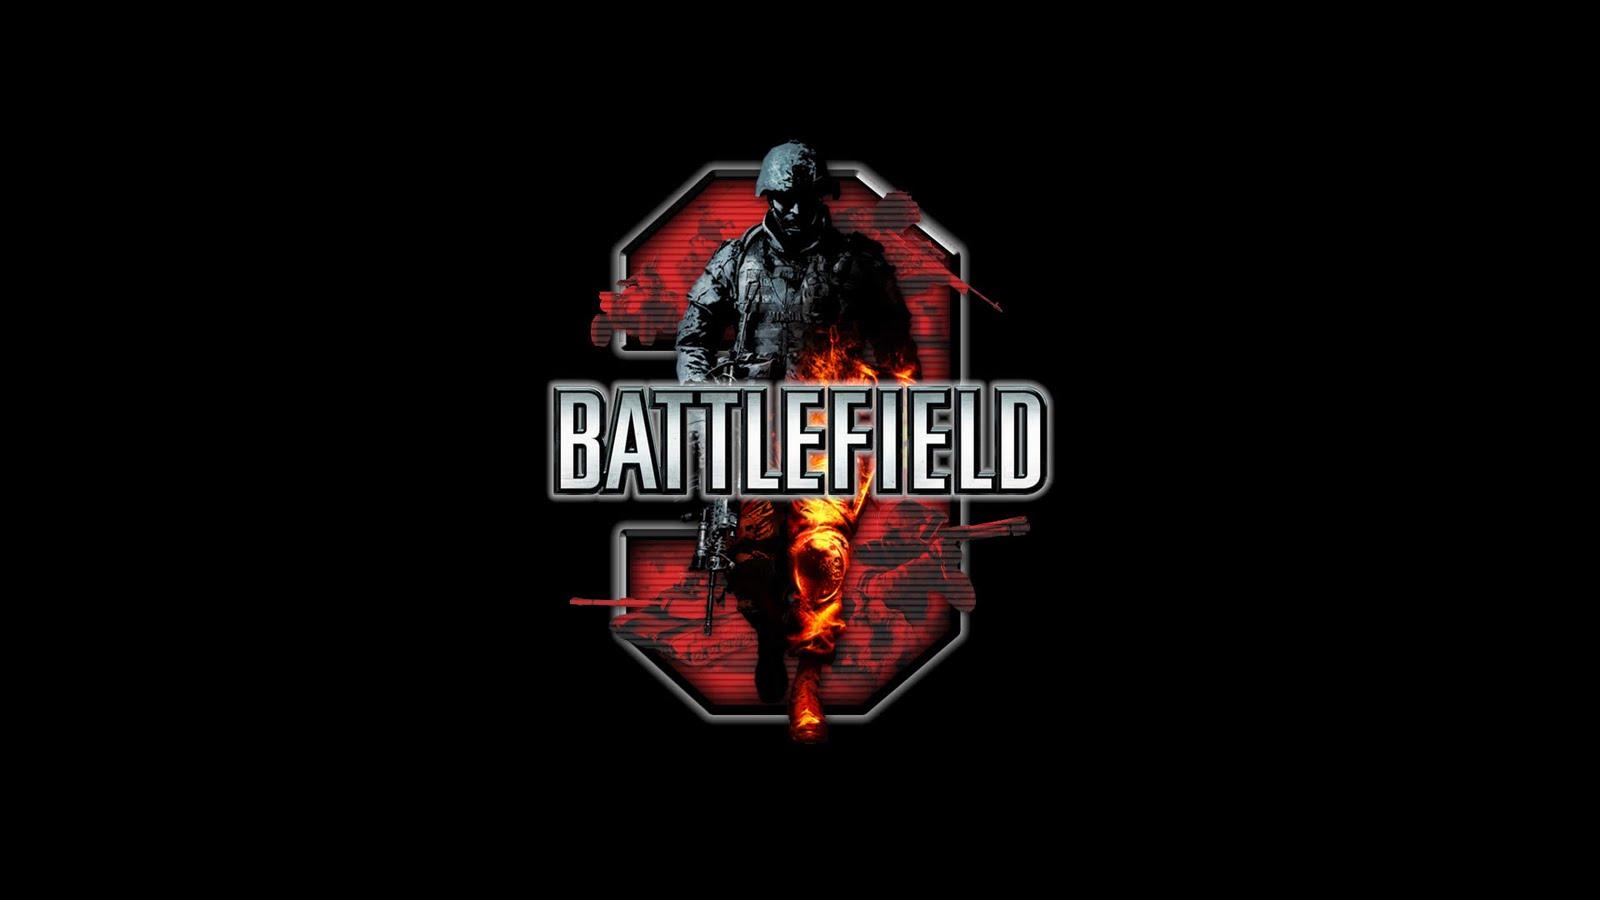 http://1.bp.blogspot.com/-kghjaZSfp_E/TeeSzoFmd2I/AAAAAAAAAEM/wbumRWL4bY4/s1600/Battlefield+3+Wallpapers-2.jpg